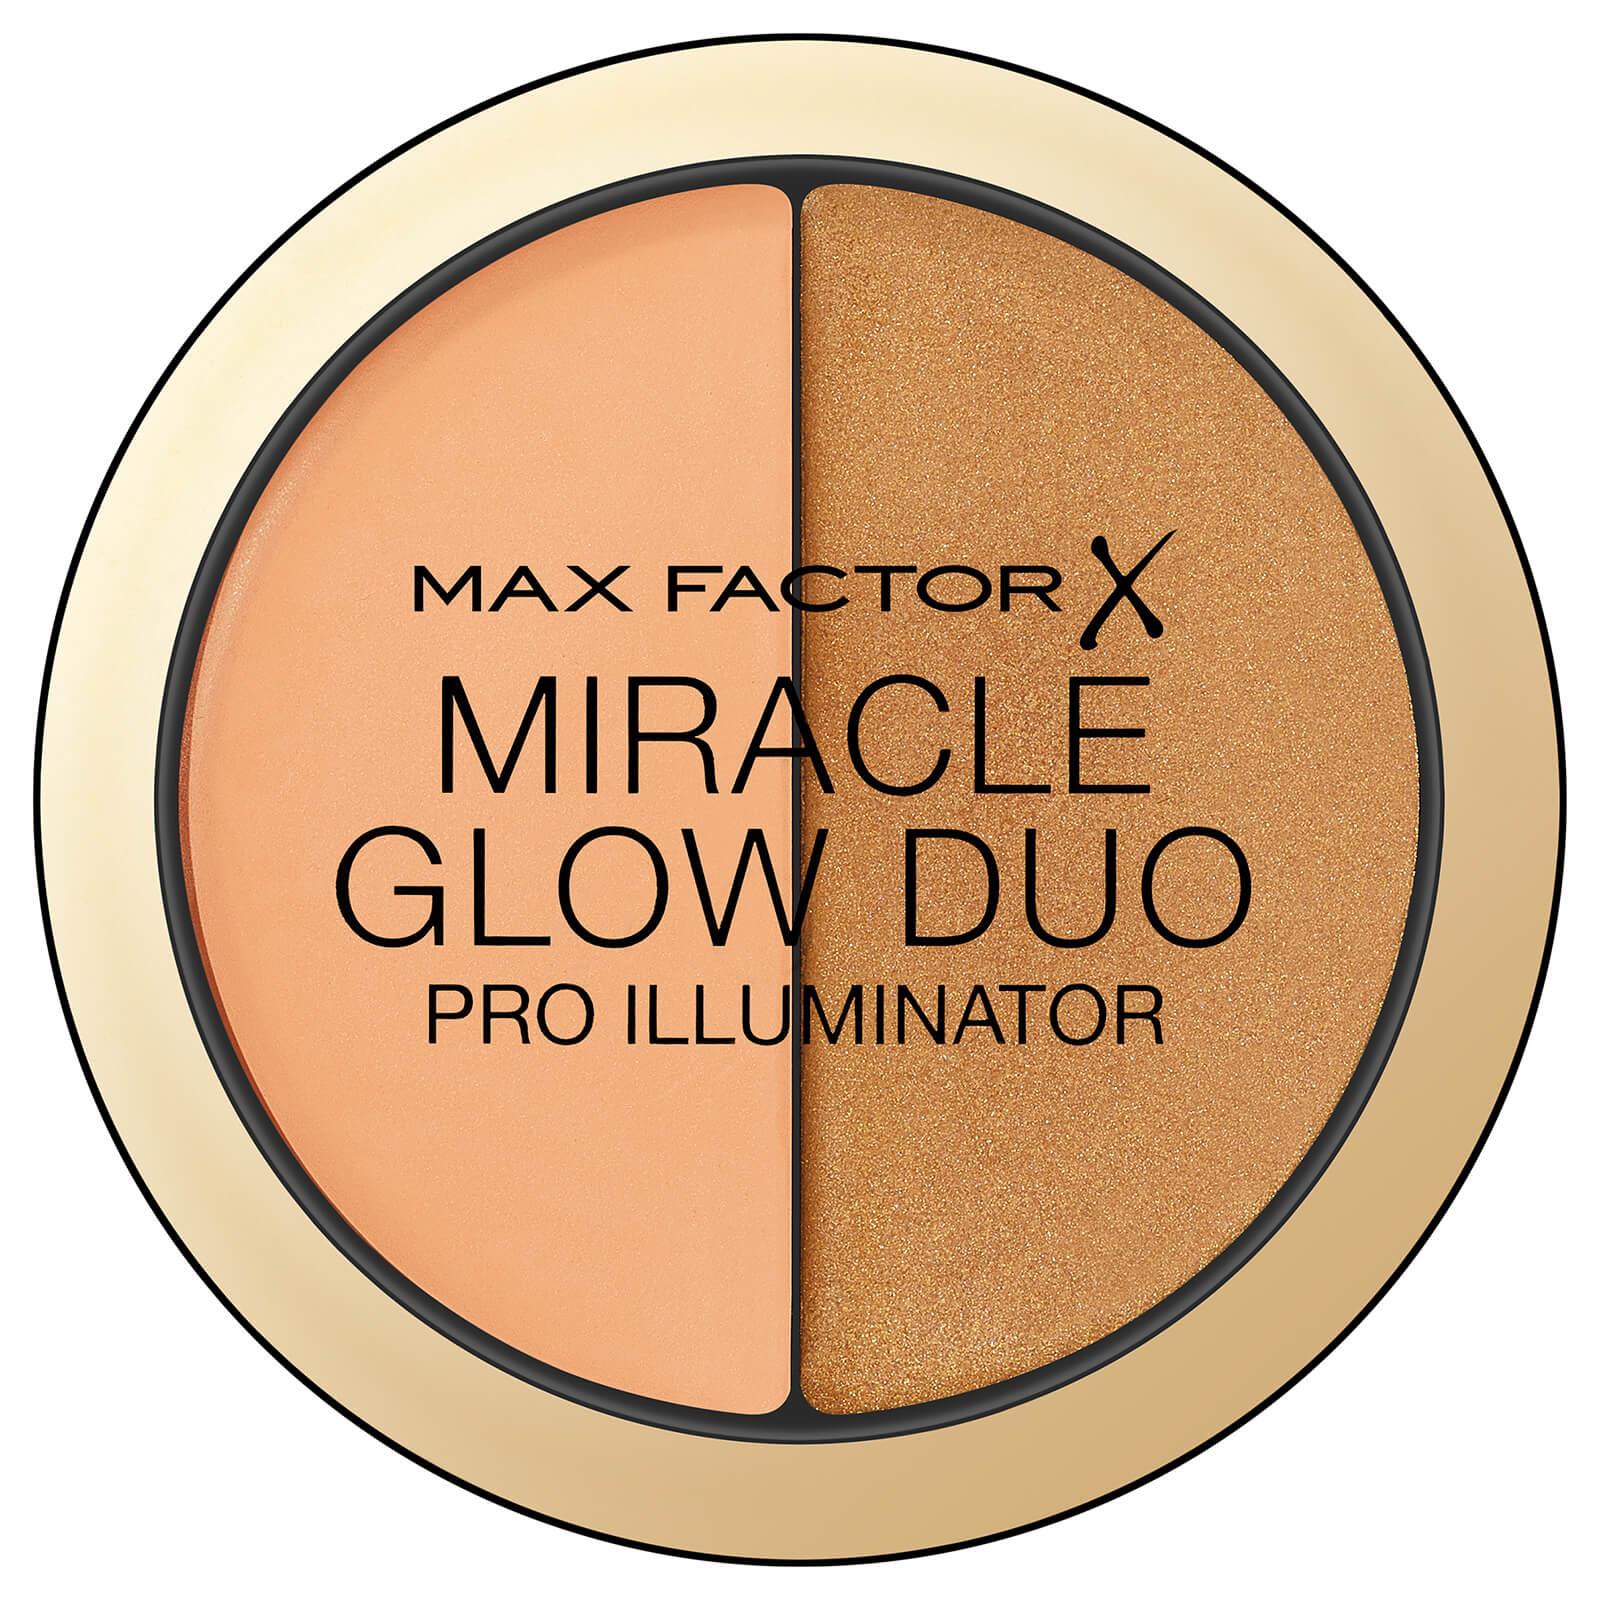 Купить Двойной хайлайтер Max Factor Miracle Glow Duo Highlighter - 30 Deep